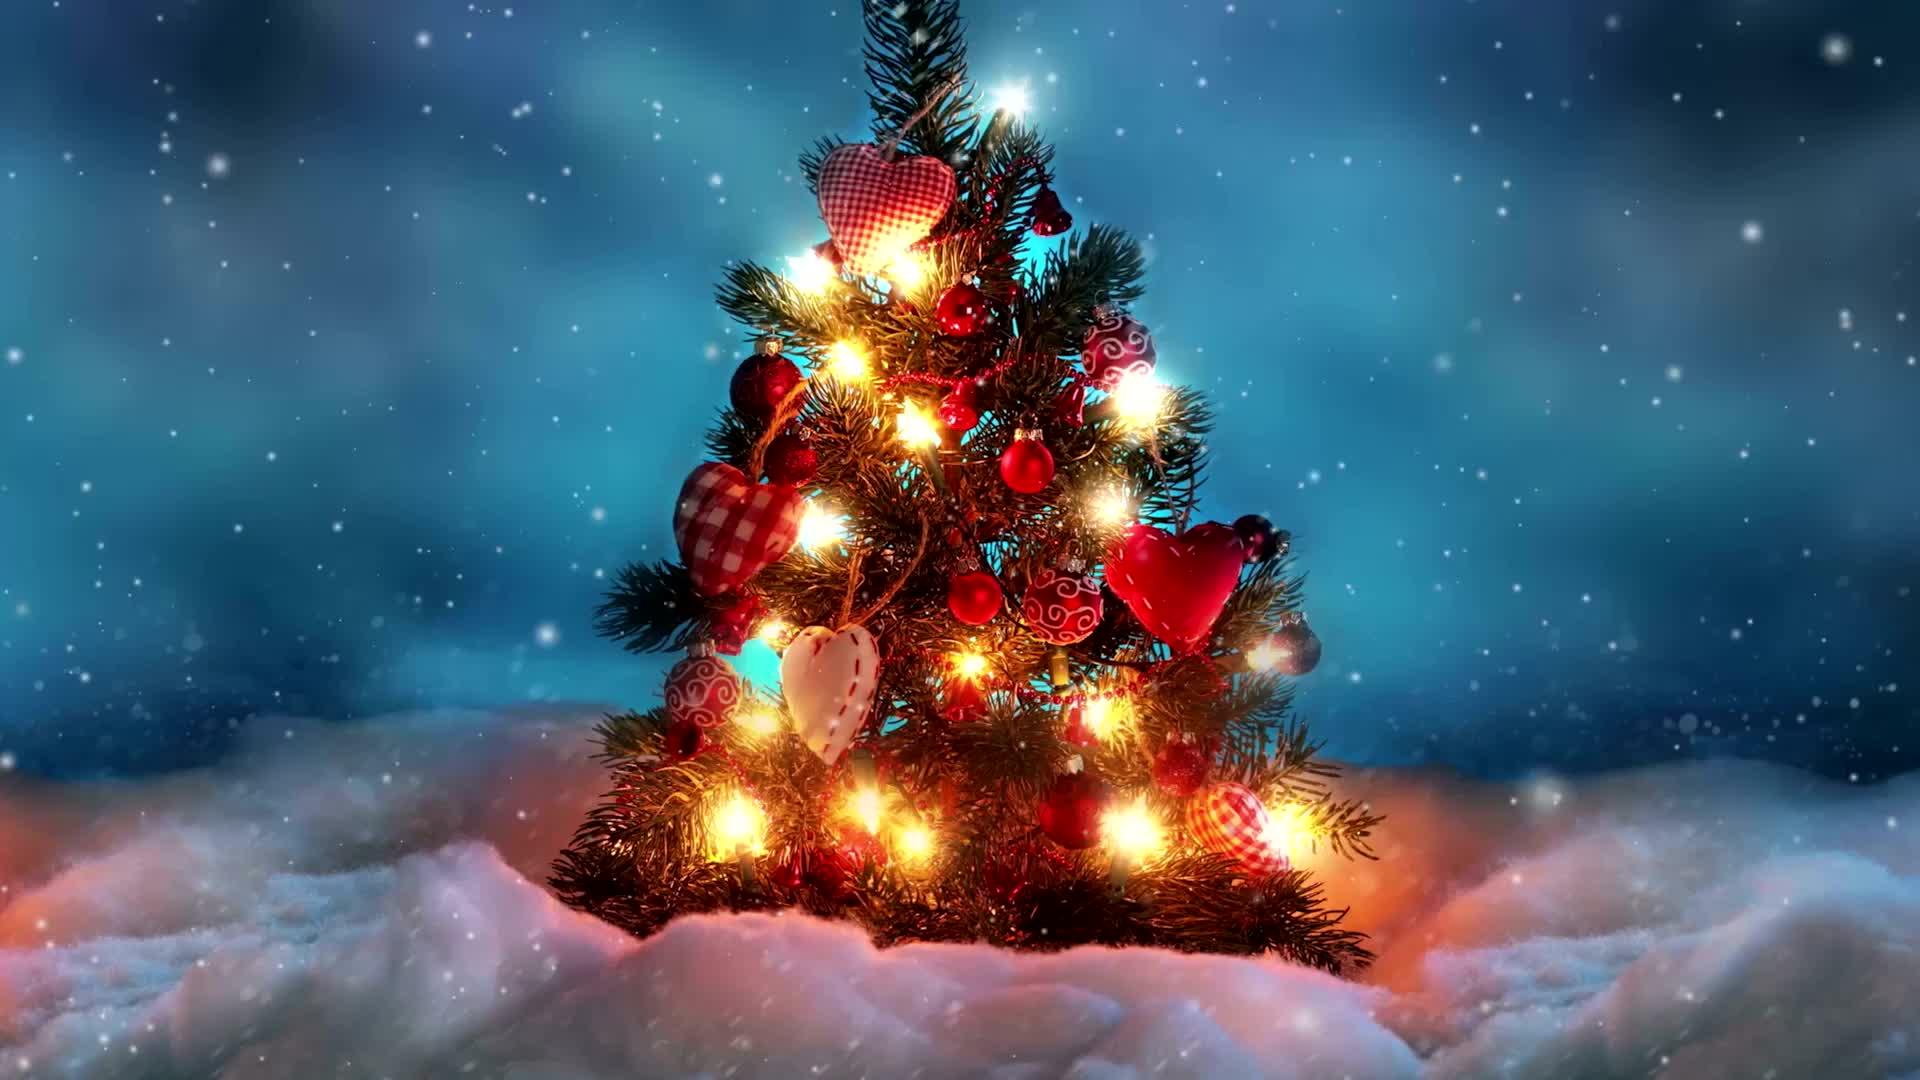 Рождественская ёлочка в праздничных огнях - живые обои